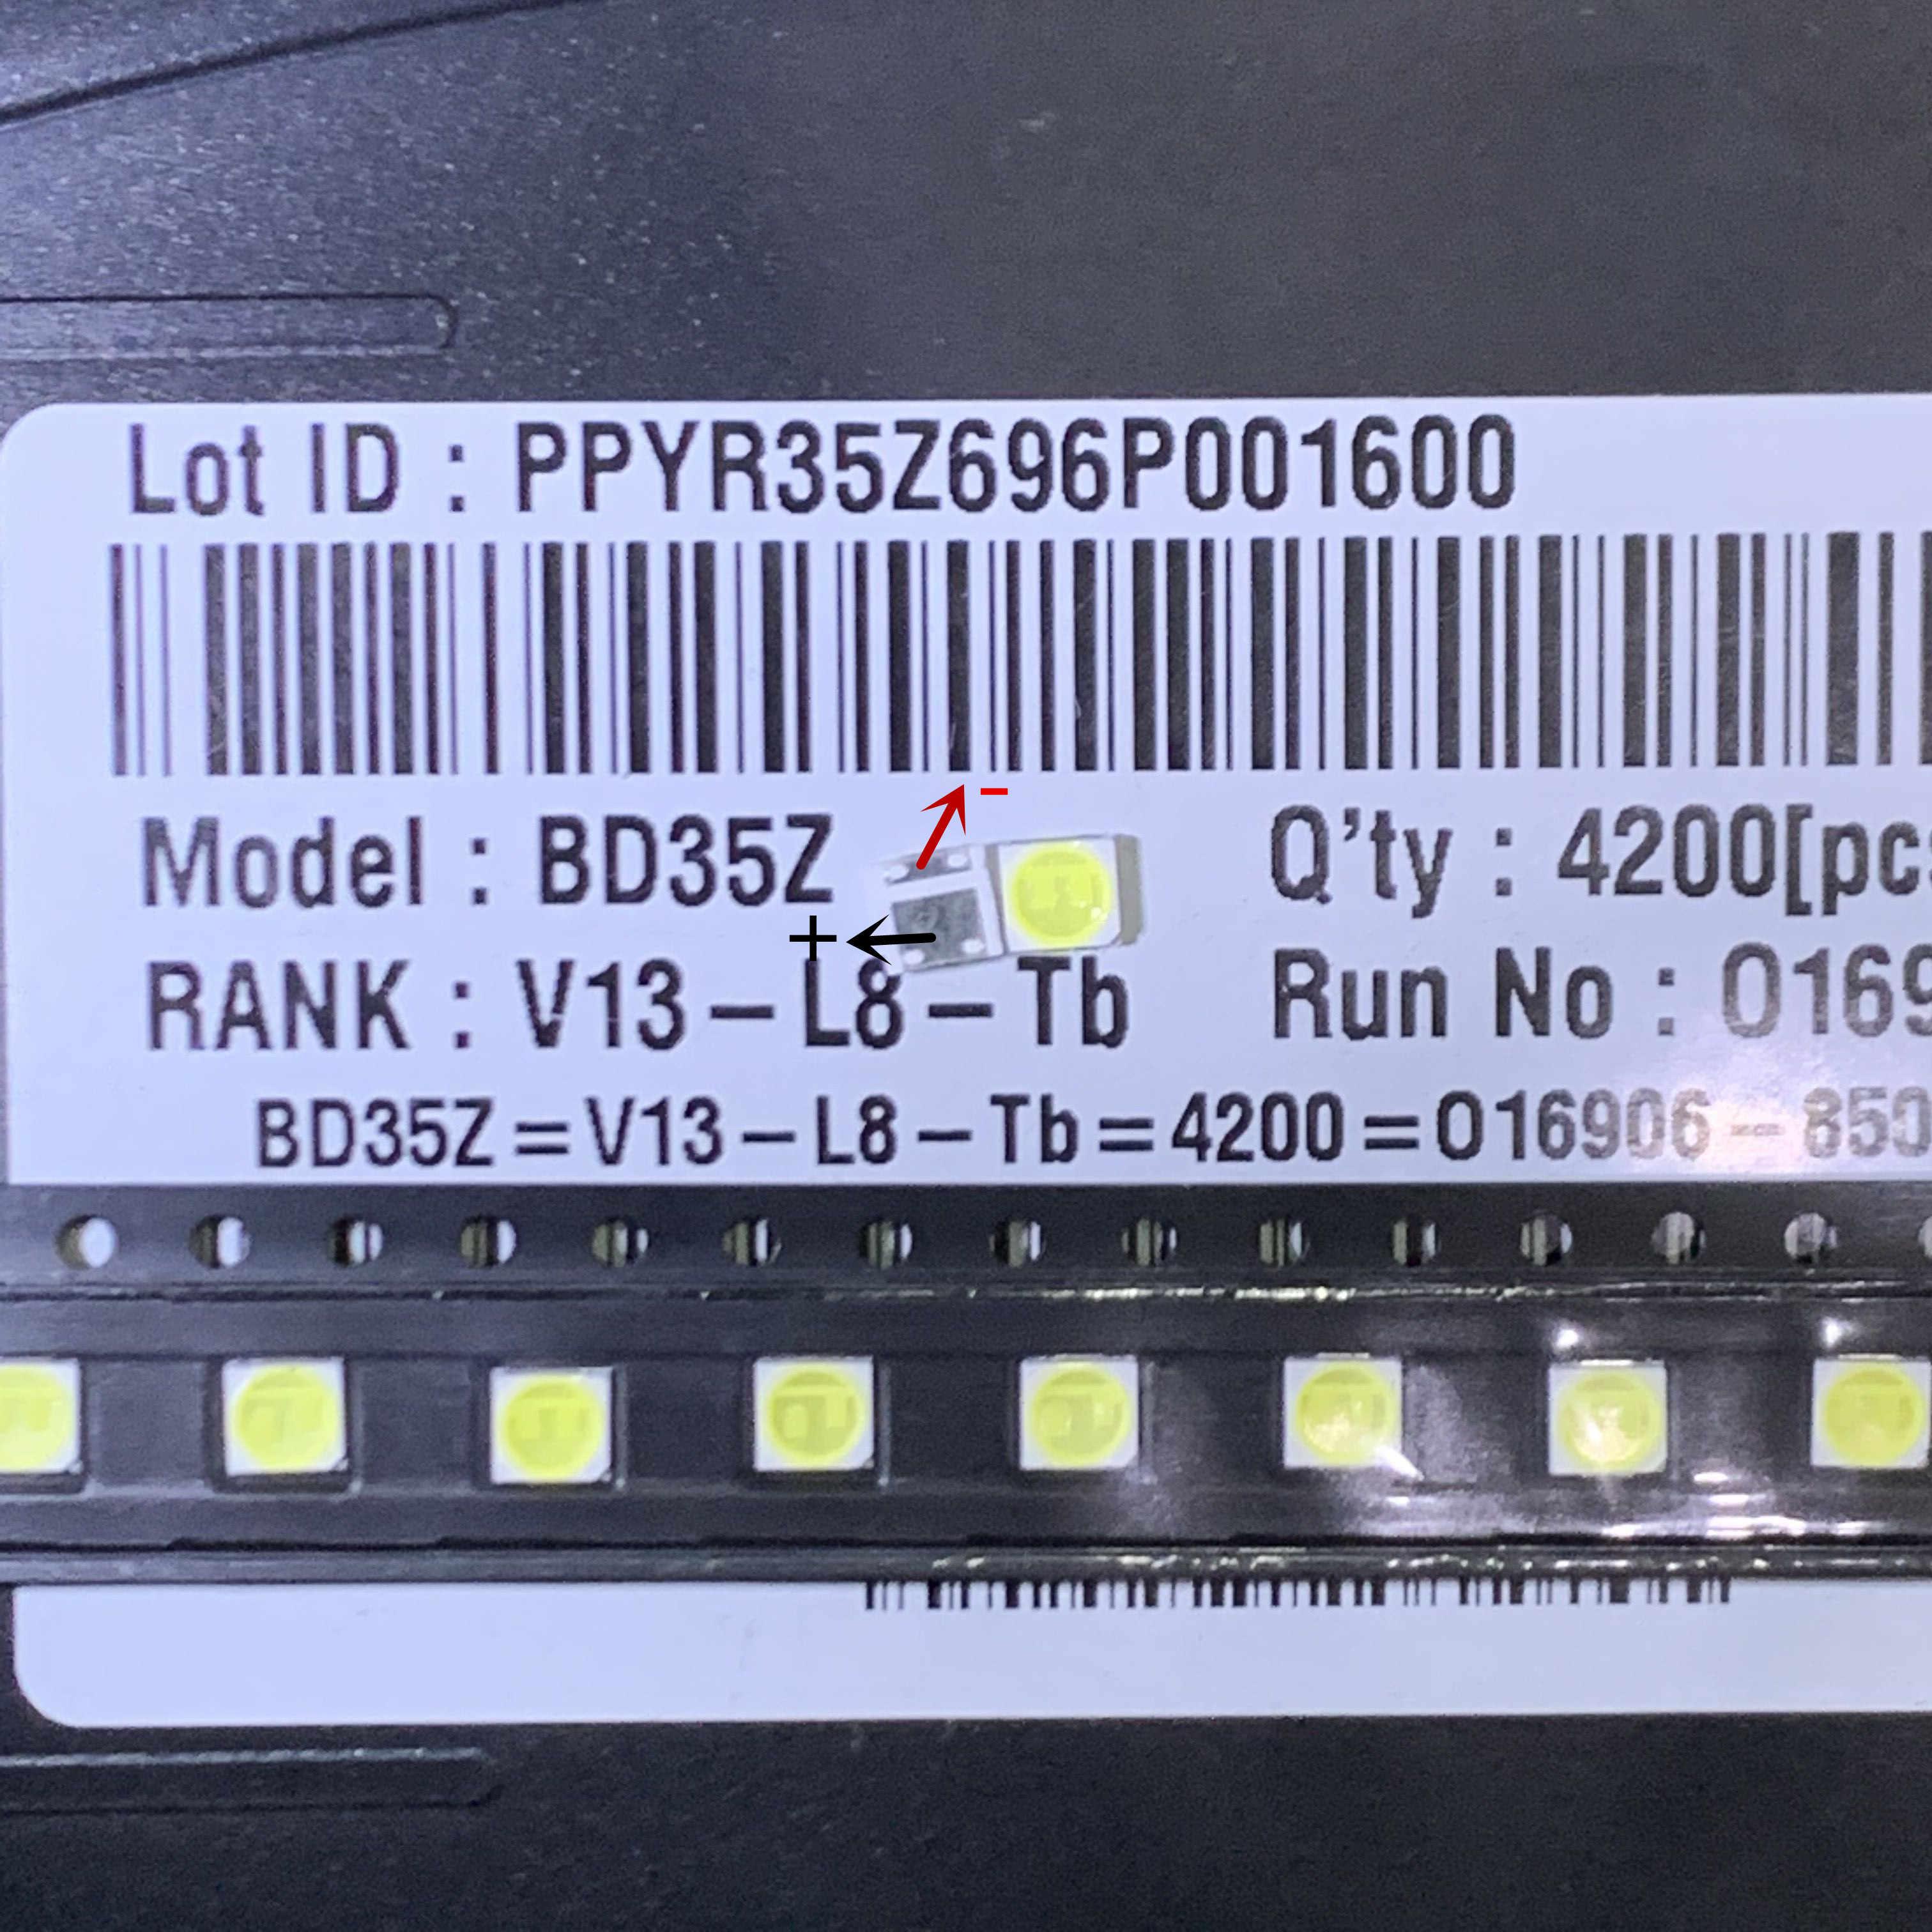 Quinta generación LG Innotek Ypnl-LED de luz LED de alta potencia 2w 6v luz blanca fría 3535 iluminación LCD trasera para TV aplicaciones 20 piezas